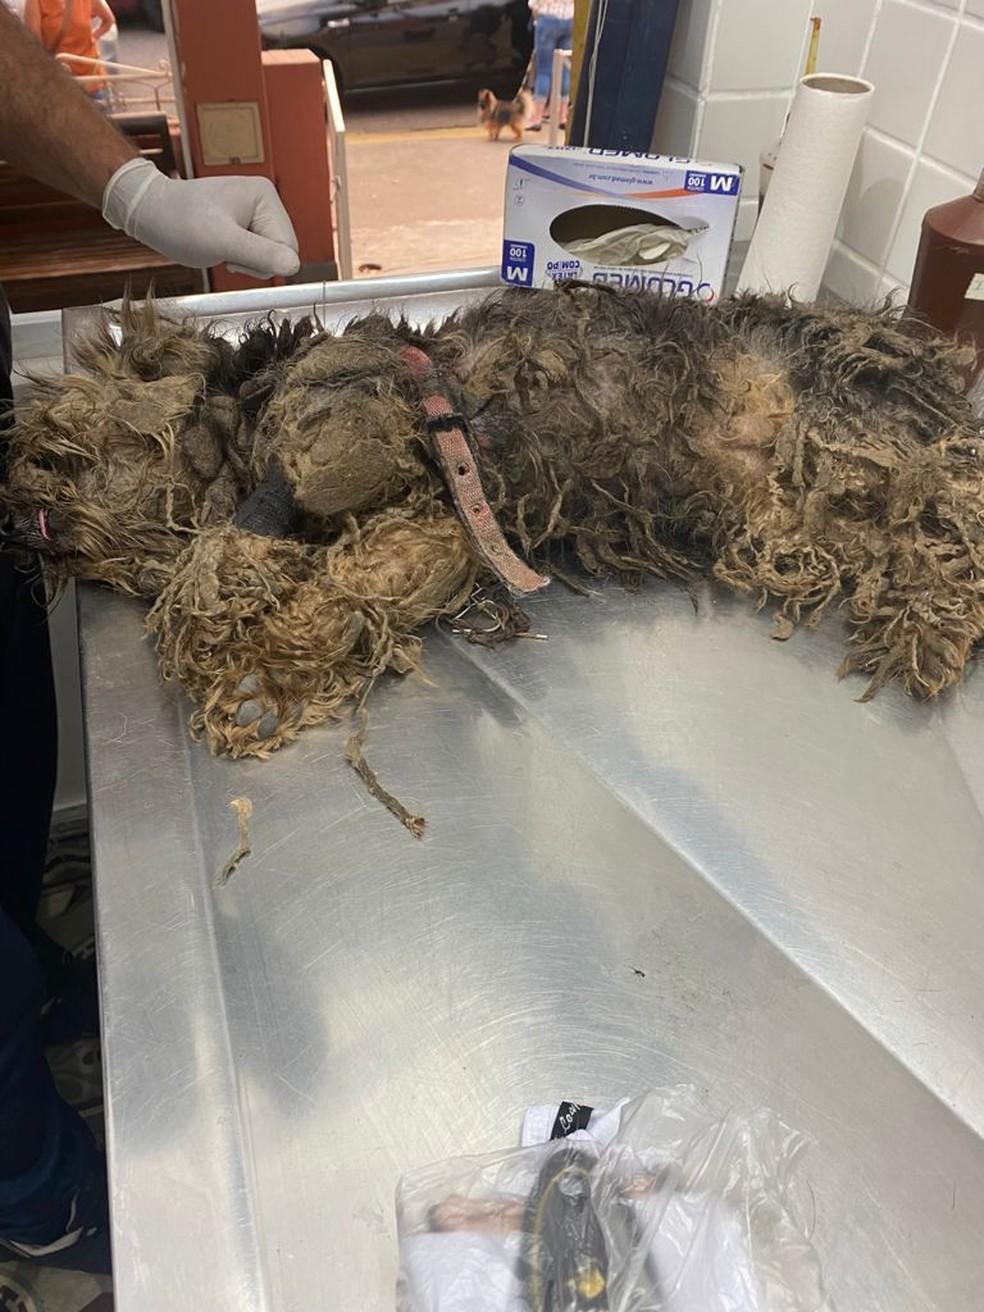 Coleira estava grudada ao pelo da cadela resgatada em São Vicente, SP, deixando feridas abertas após ser retirada — Foto: Divulgação/ONG Viva Bicho Santos